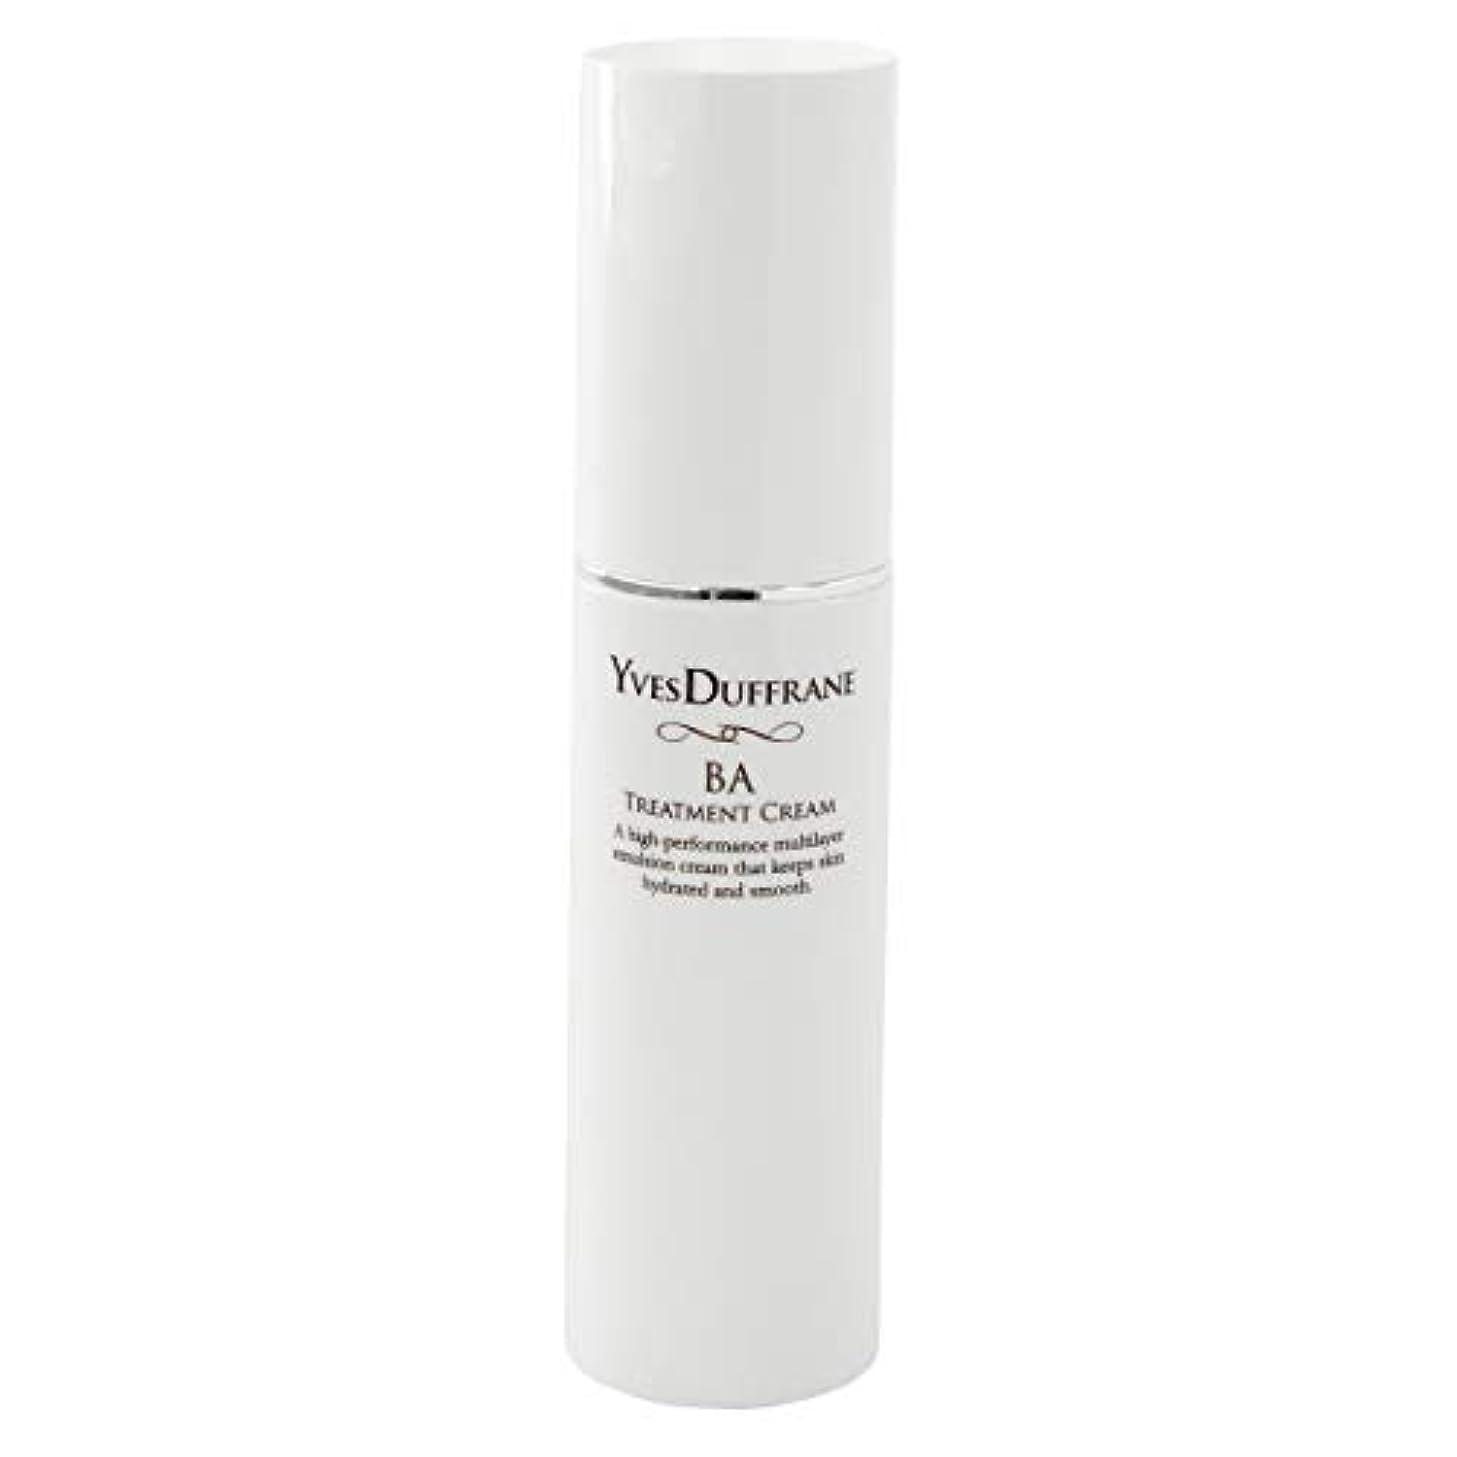 組み合わせる地域の代表してセラミド 美容クリーム [BAトリートメント クリーム ] 顔 目元 敏感肌 保湿 セラミド ビタミンC誘導体 バイオアンテージ配合